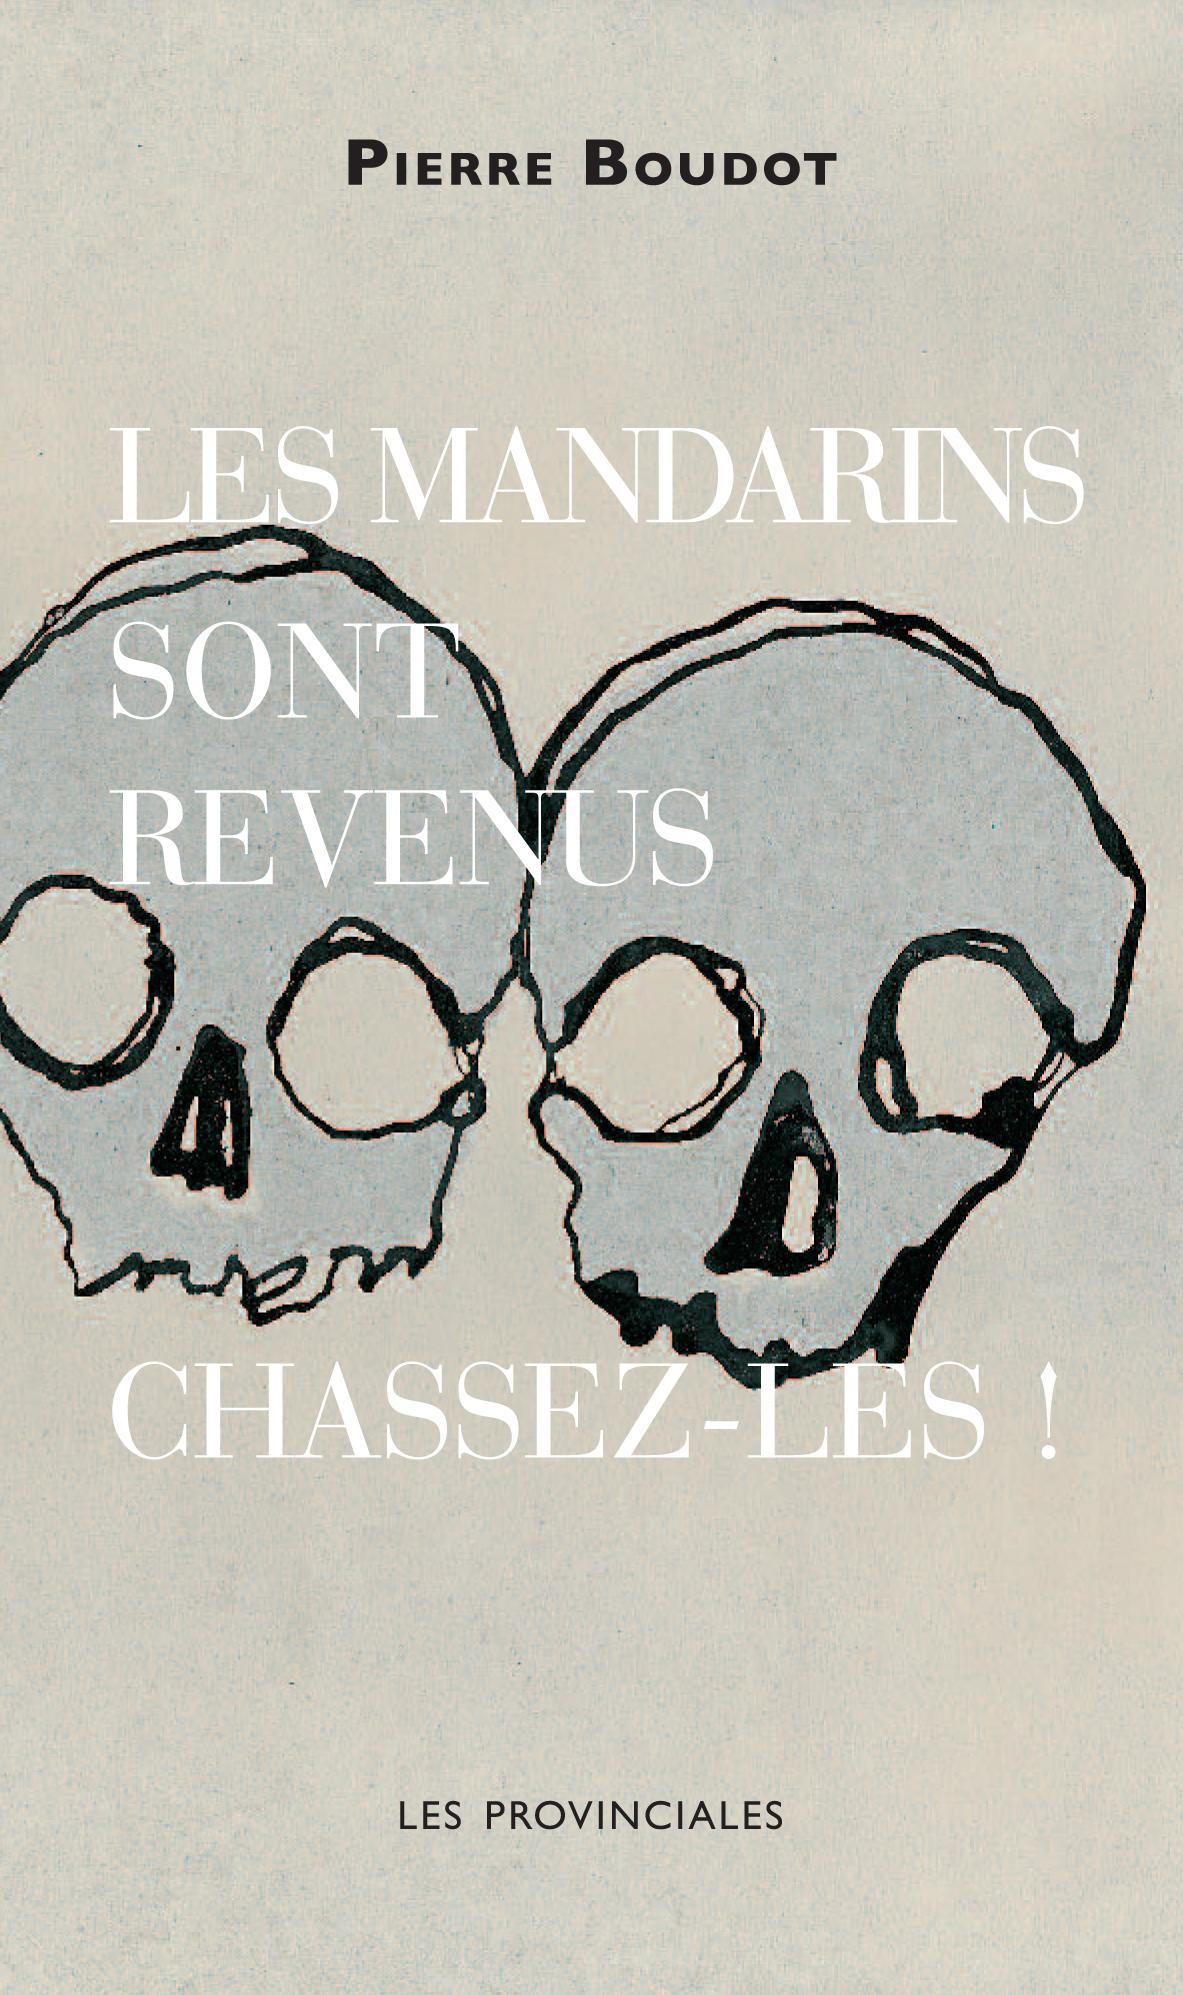 LES MANDARINS SONT REVENUS, CHASSEZ-LES !